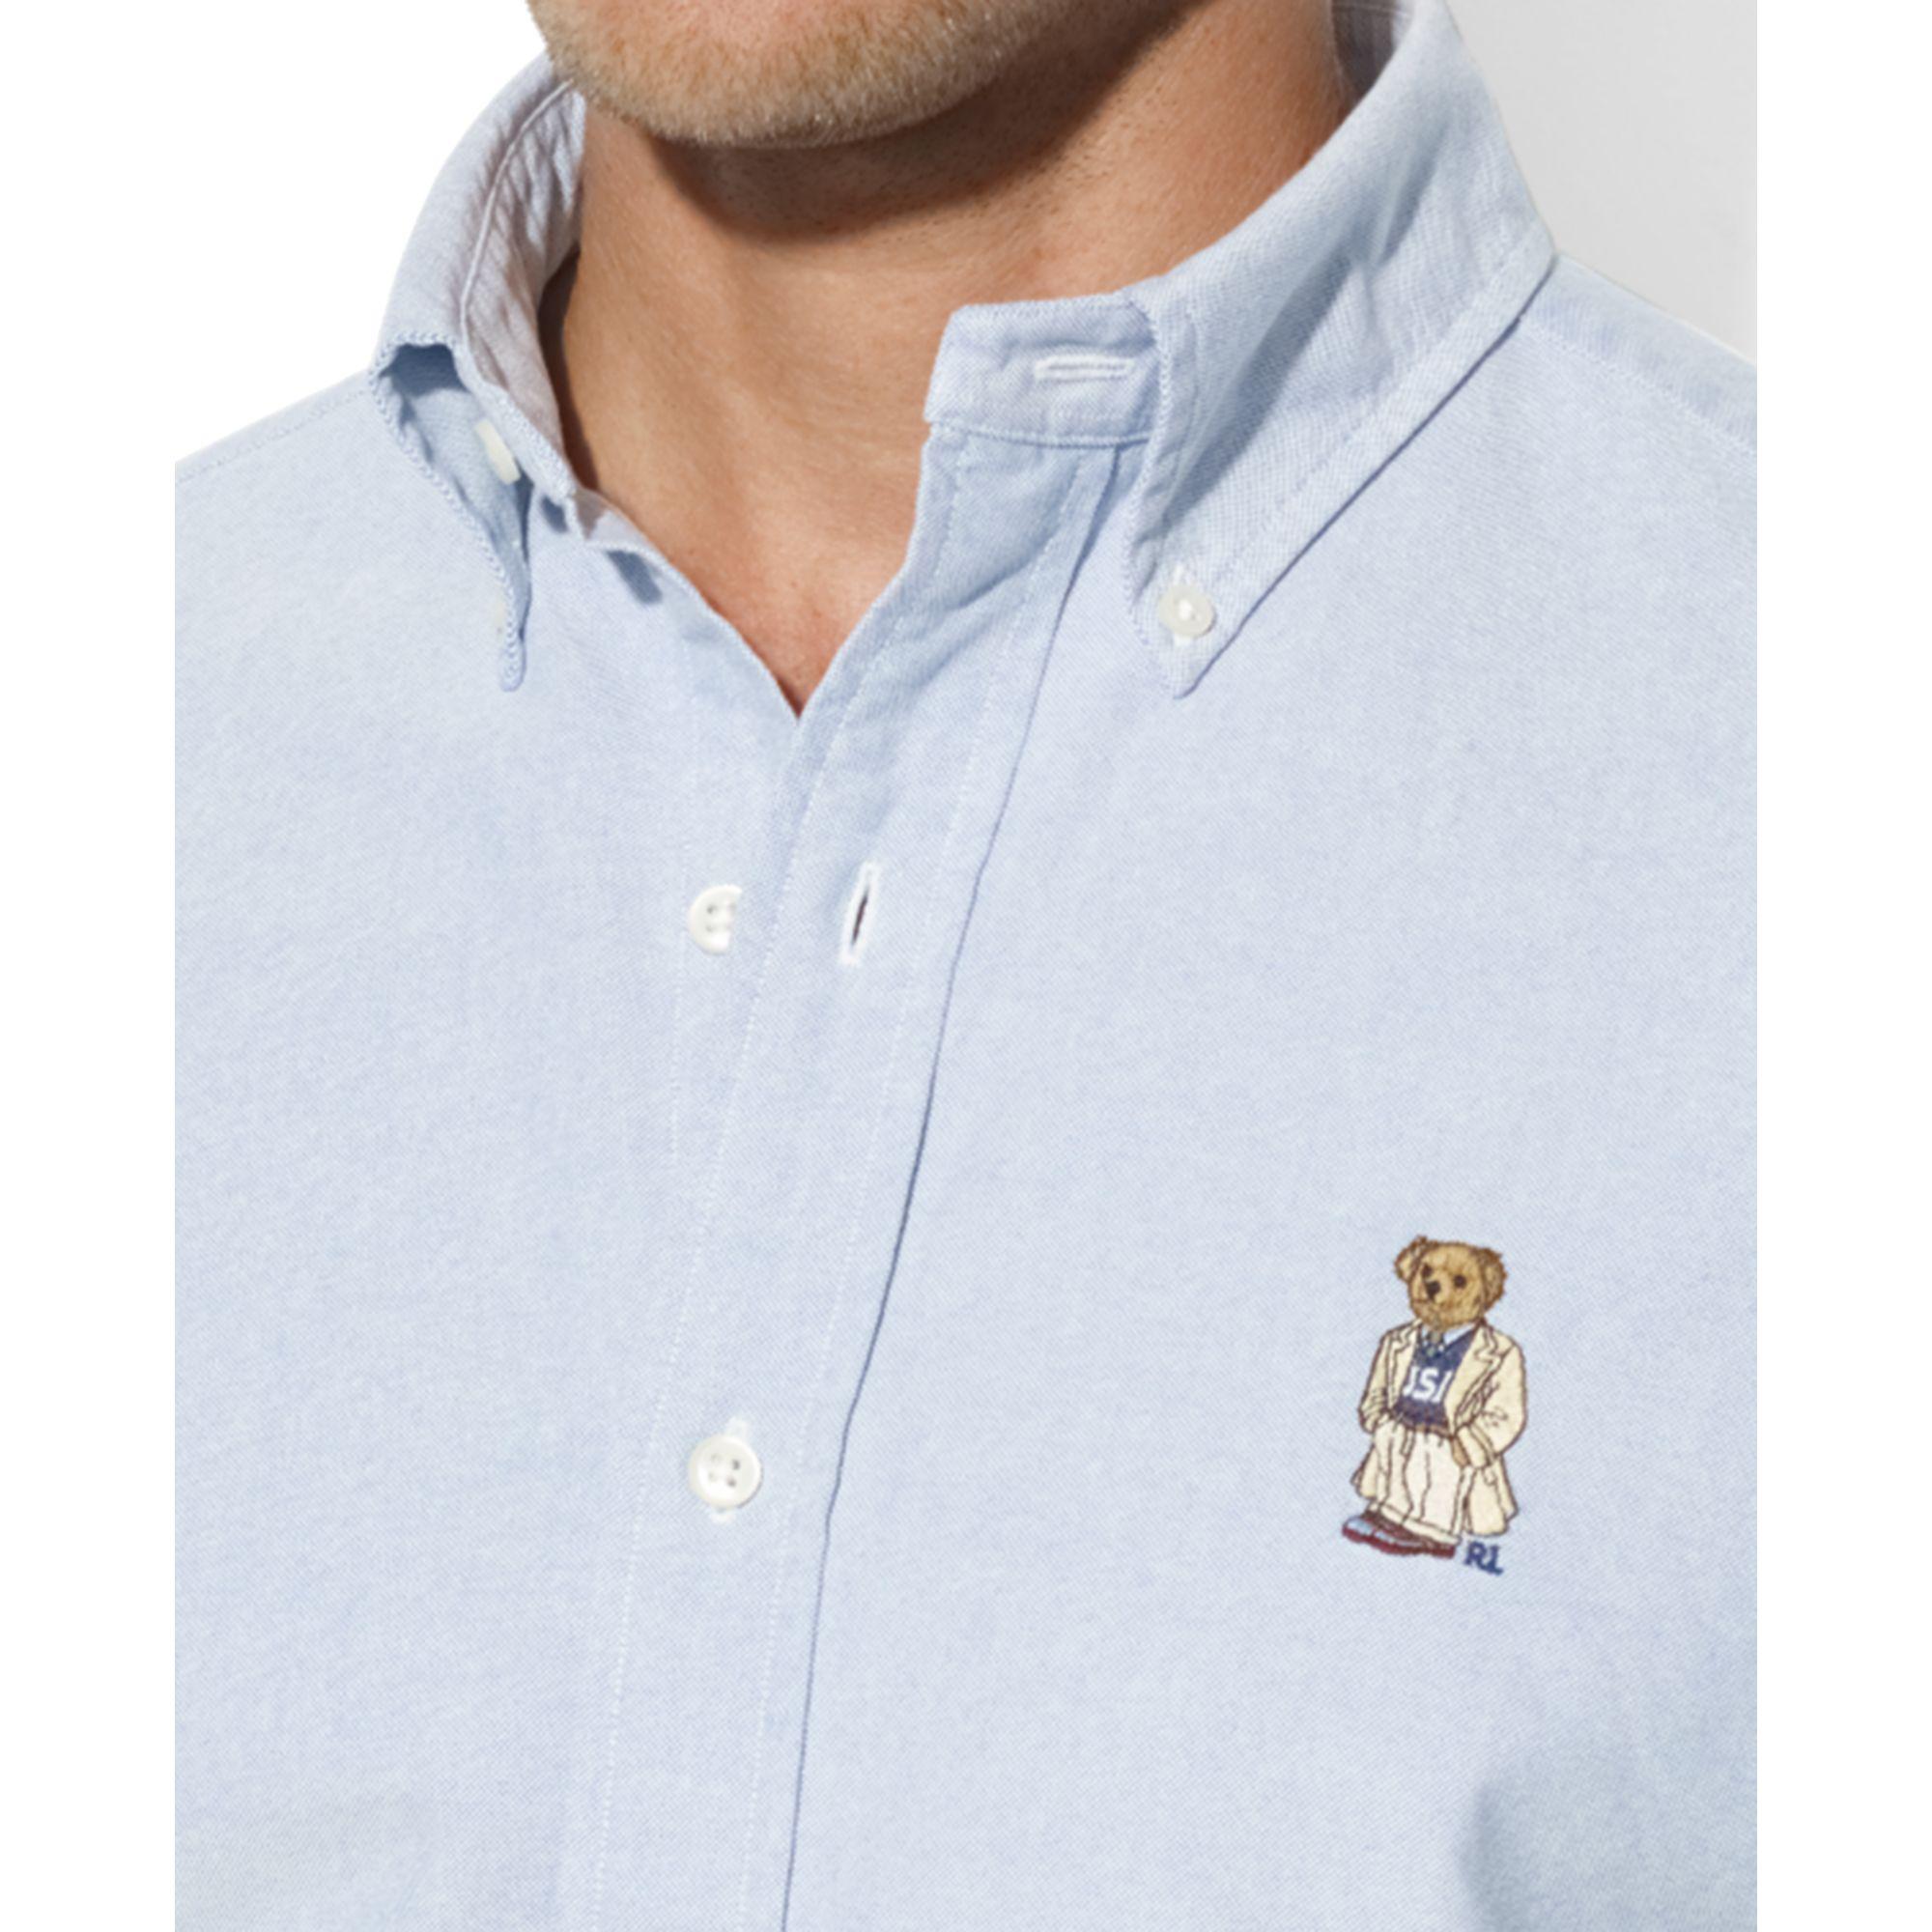 b75d1f7772 Long Sleeve Sport Shirt Polo Ralph Lauren - raveitsafe